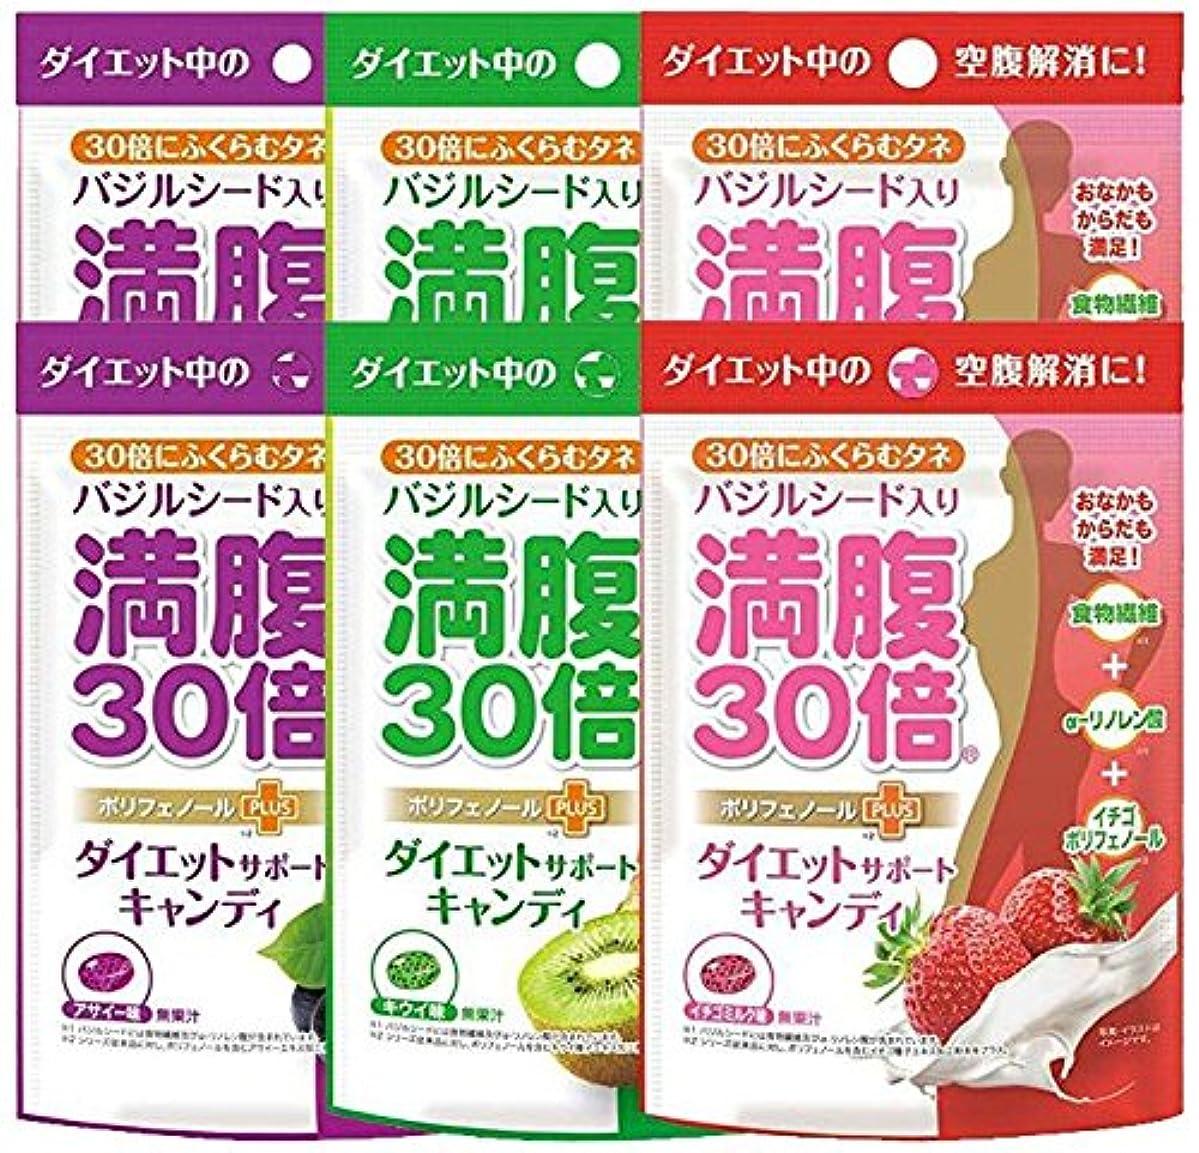 競合他社選手賞賛ありがたい満腹30倍 ダイエットサポートキャンディ 3種アソート( アサイー キウイ イチゴミルク 各2袋) 6袋